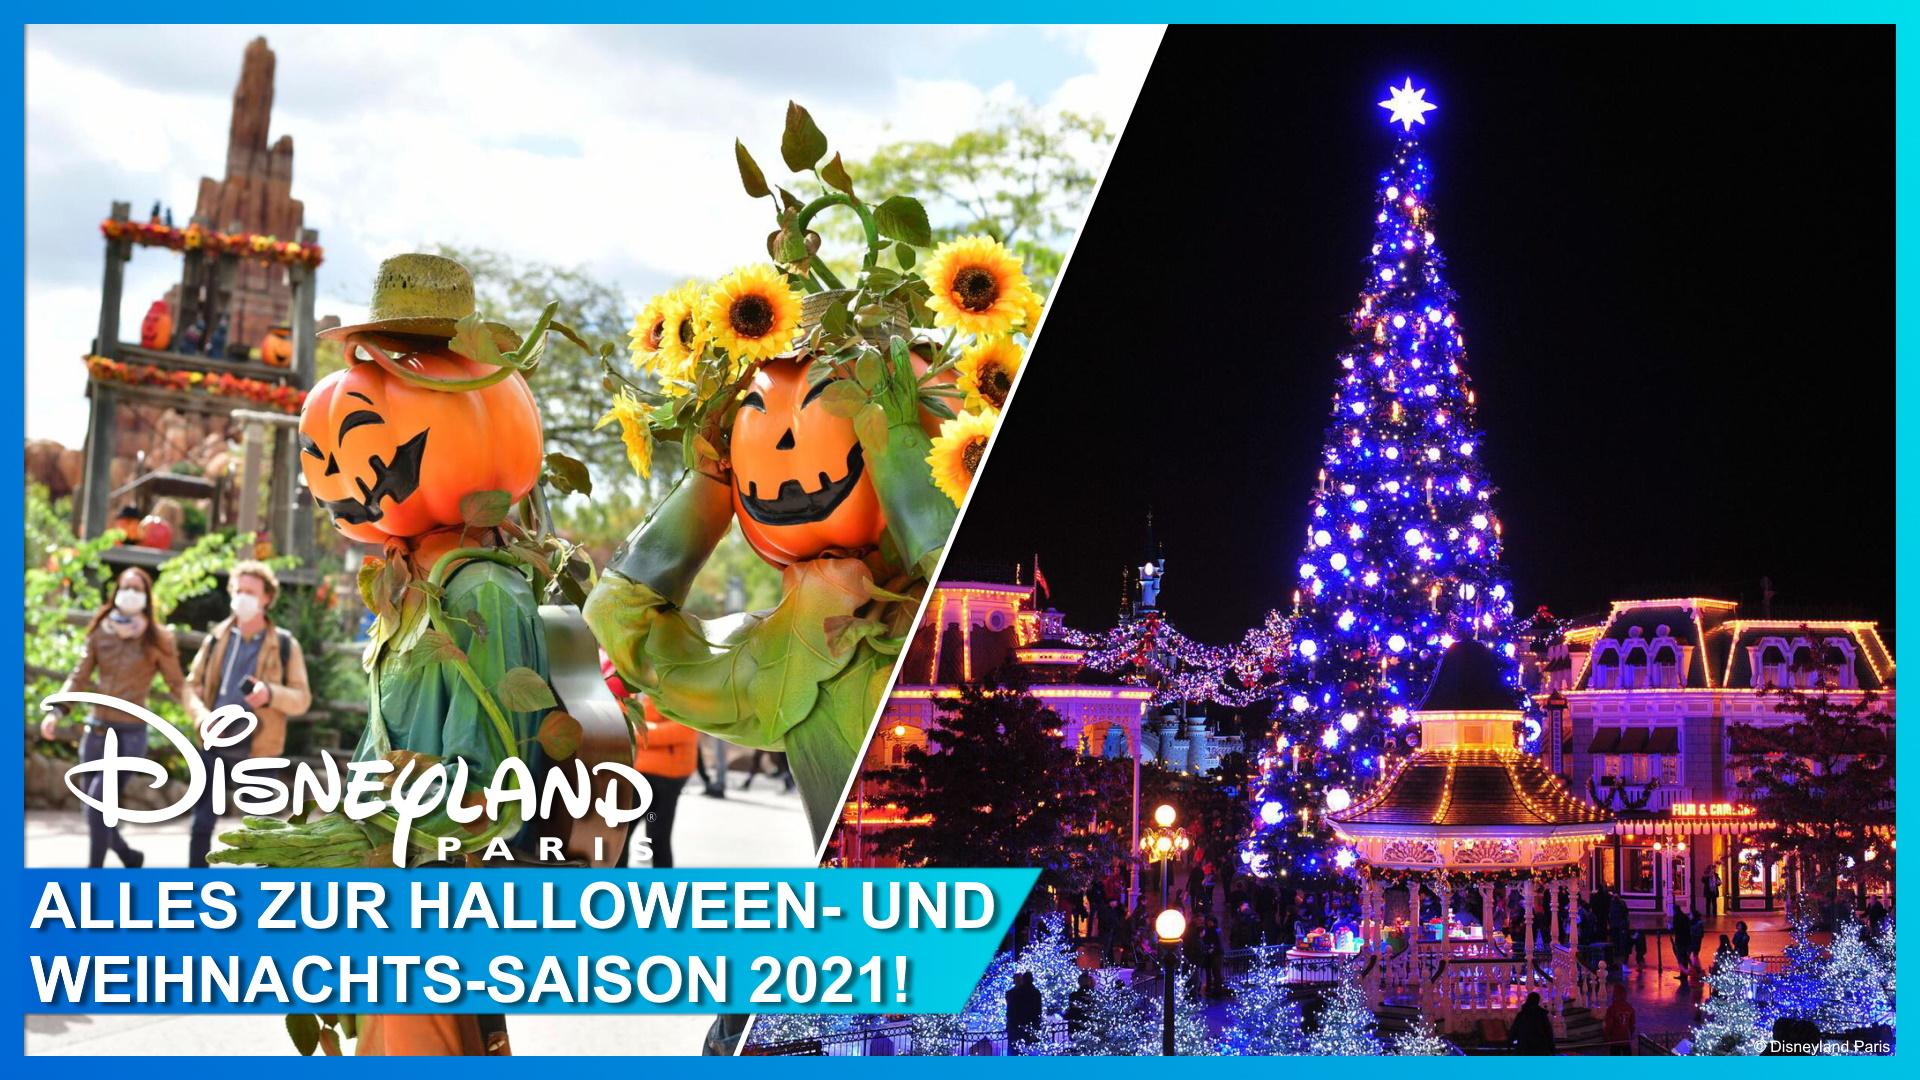 Endlich wieder: Disneyland Paris feiert Halloween, Weihnachten und Silvester 2021!